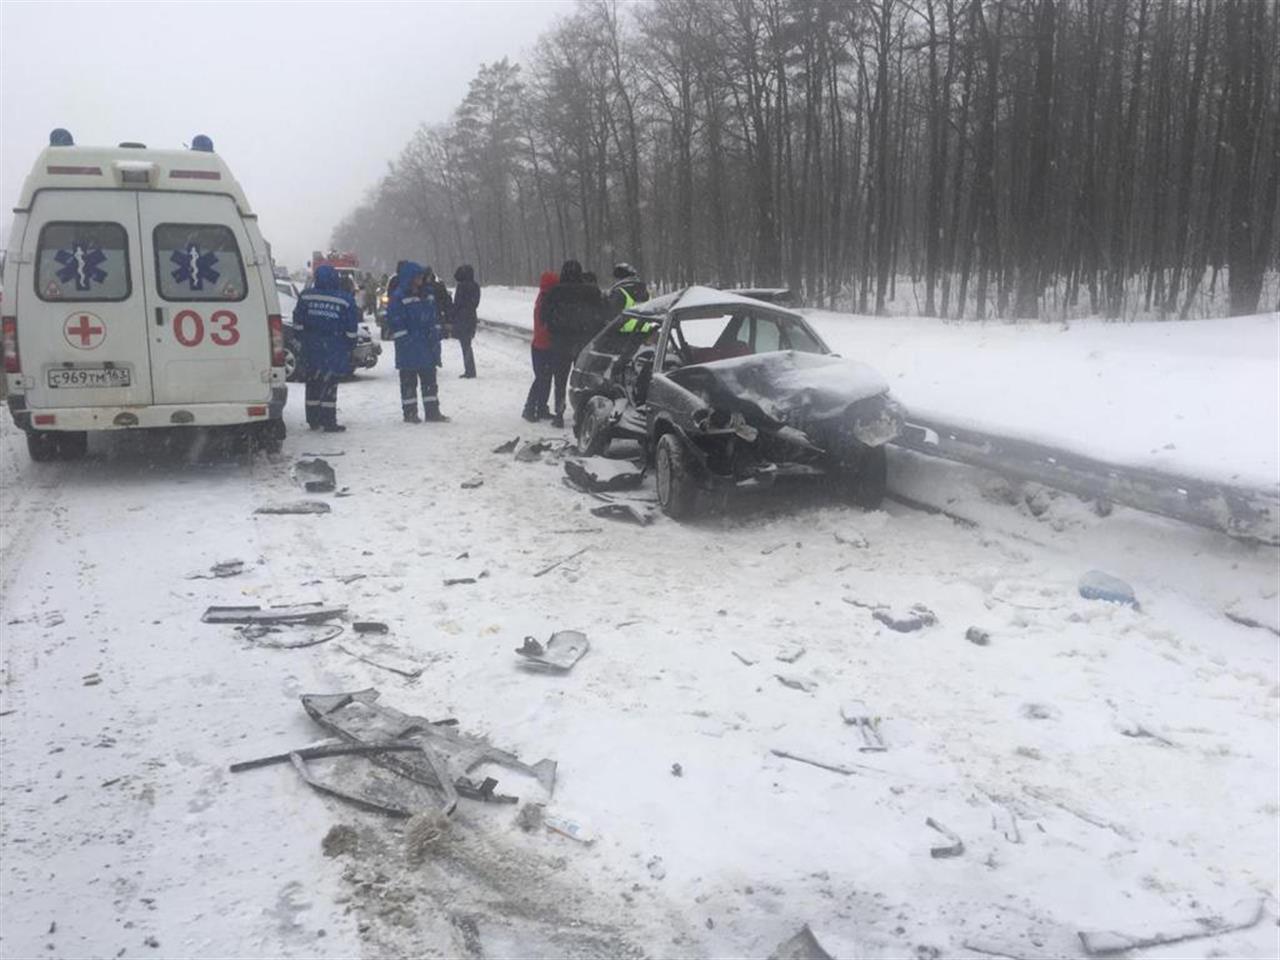 Между Тольятти и Самарой на М-5 столкнулись 4 машины